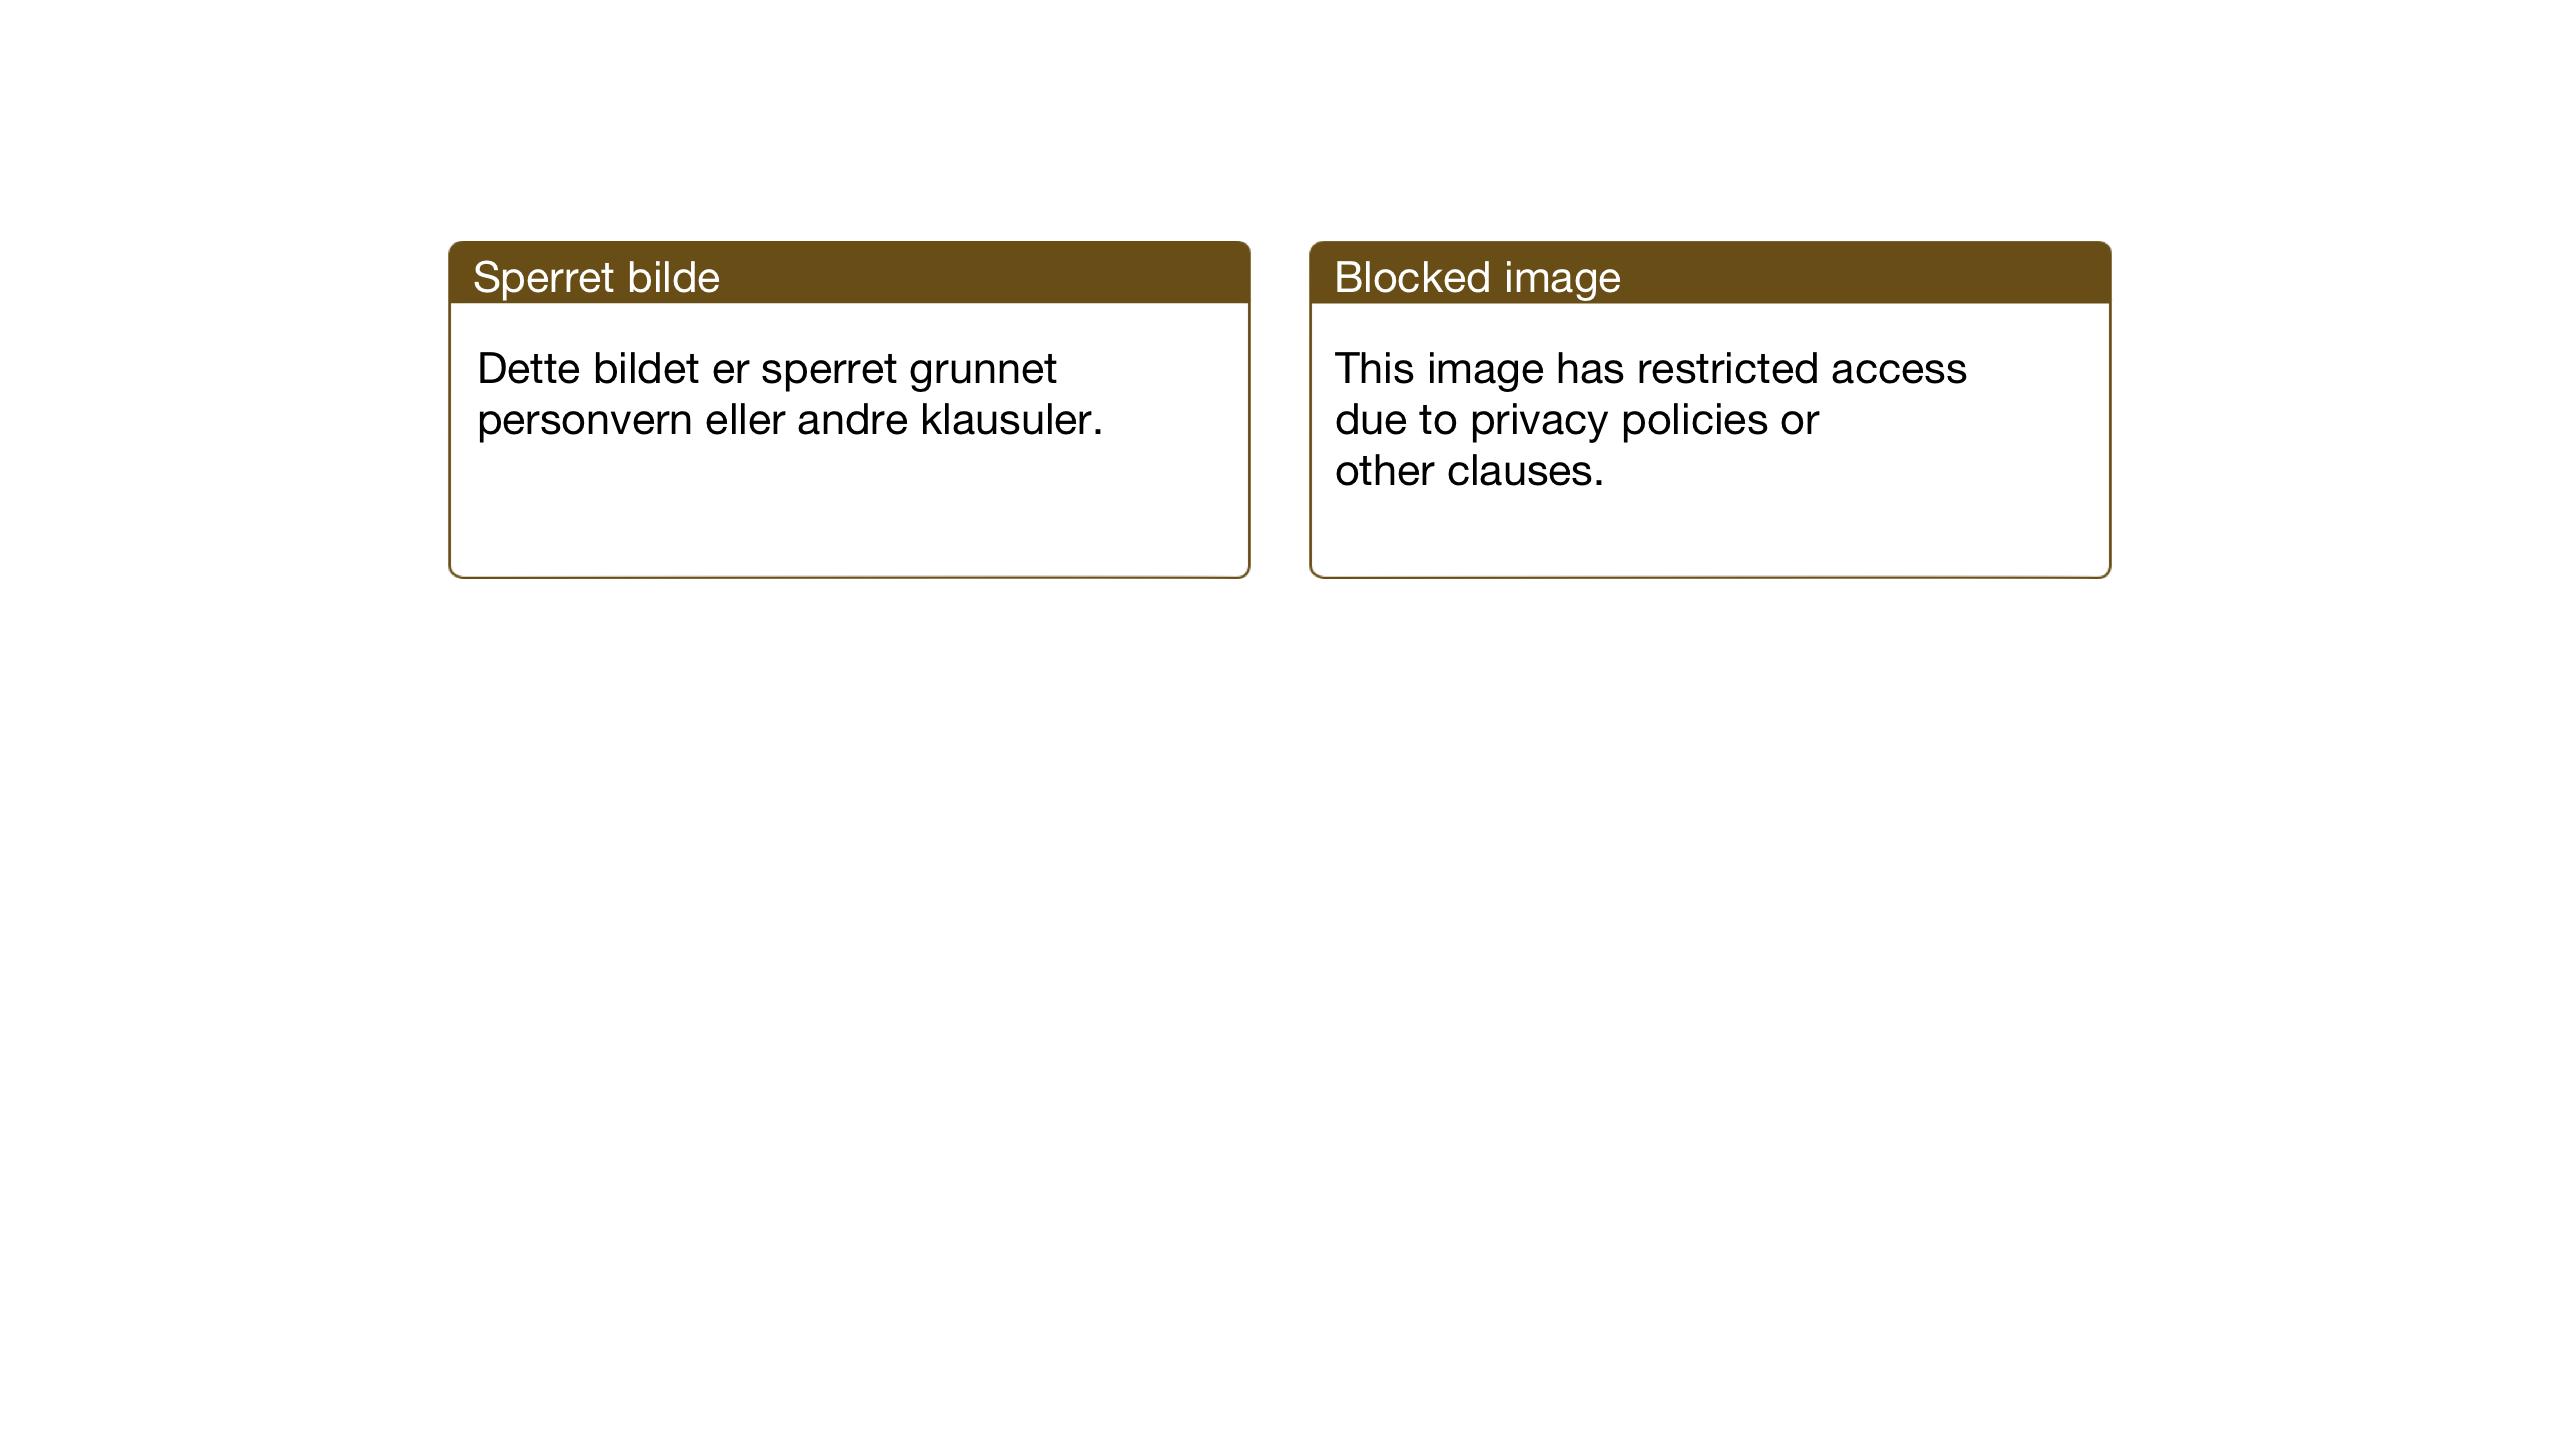 SAT, Ministerialprotokoller, klokkerbøker og fødselsregistre - Sør-Trøndelag, 602/L0148: Klokkerbok nr. 602C16, 1919-1939, s. 64